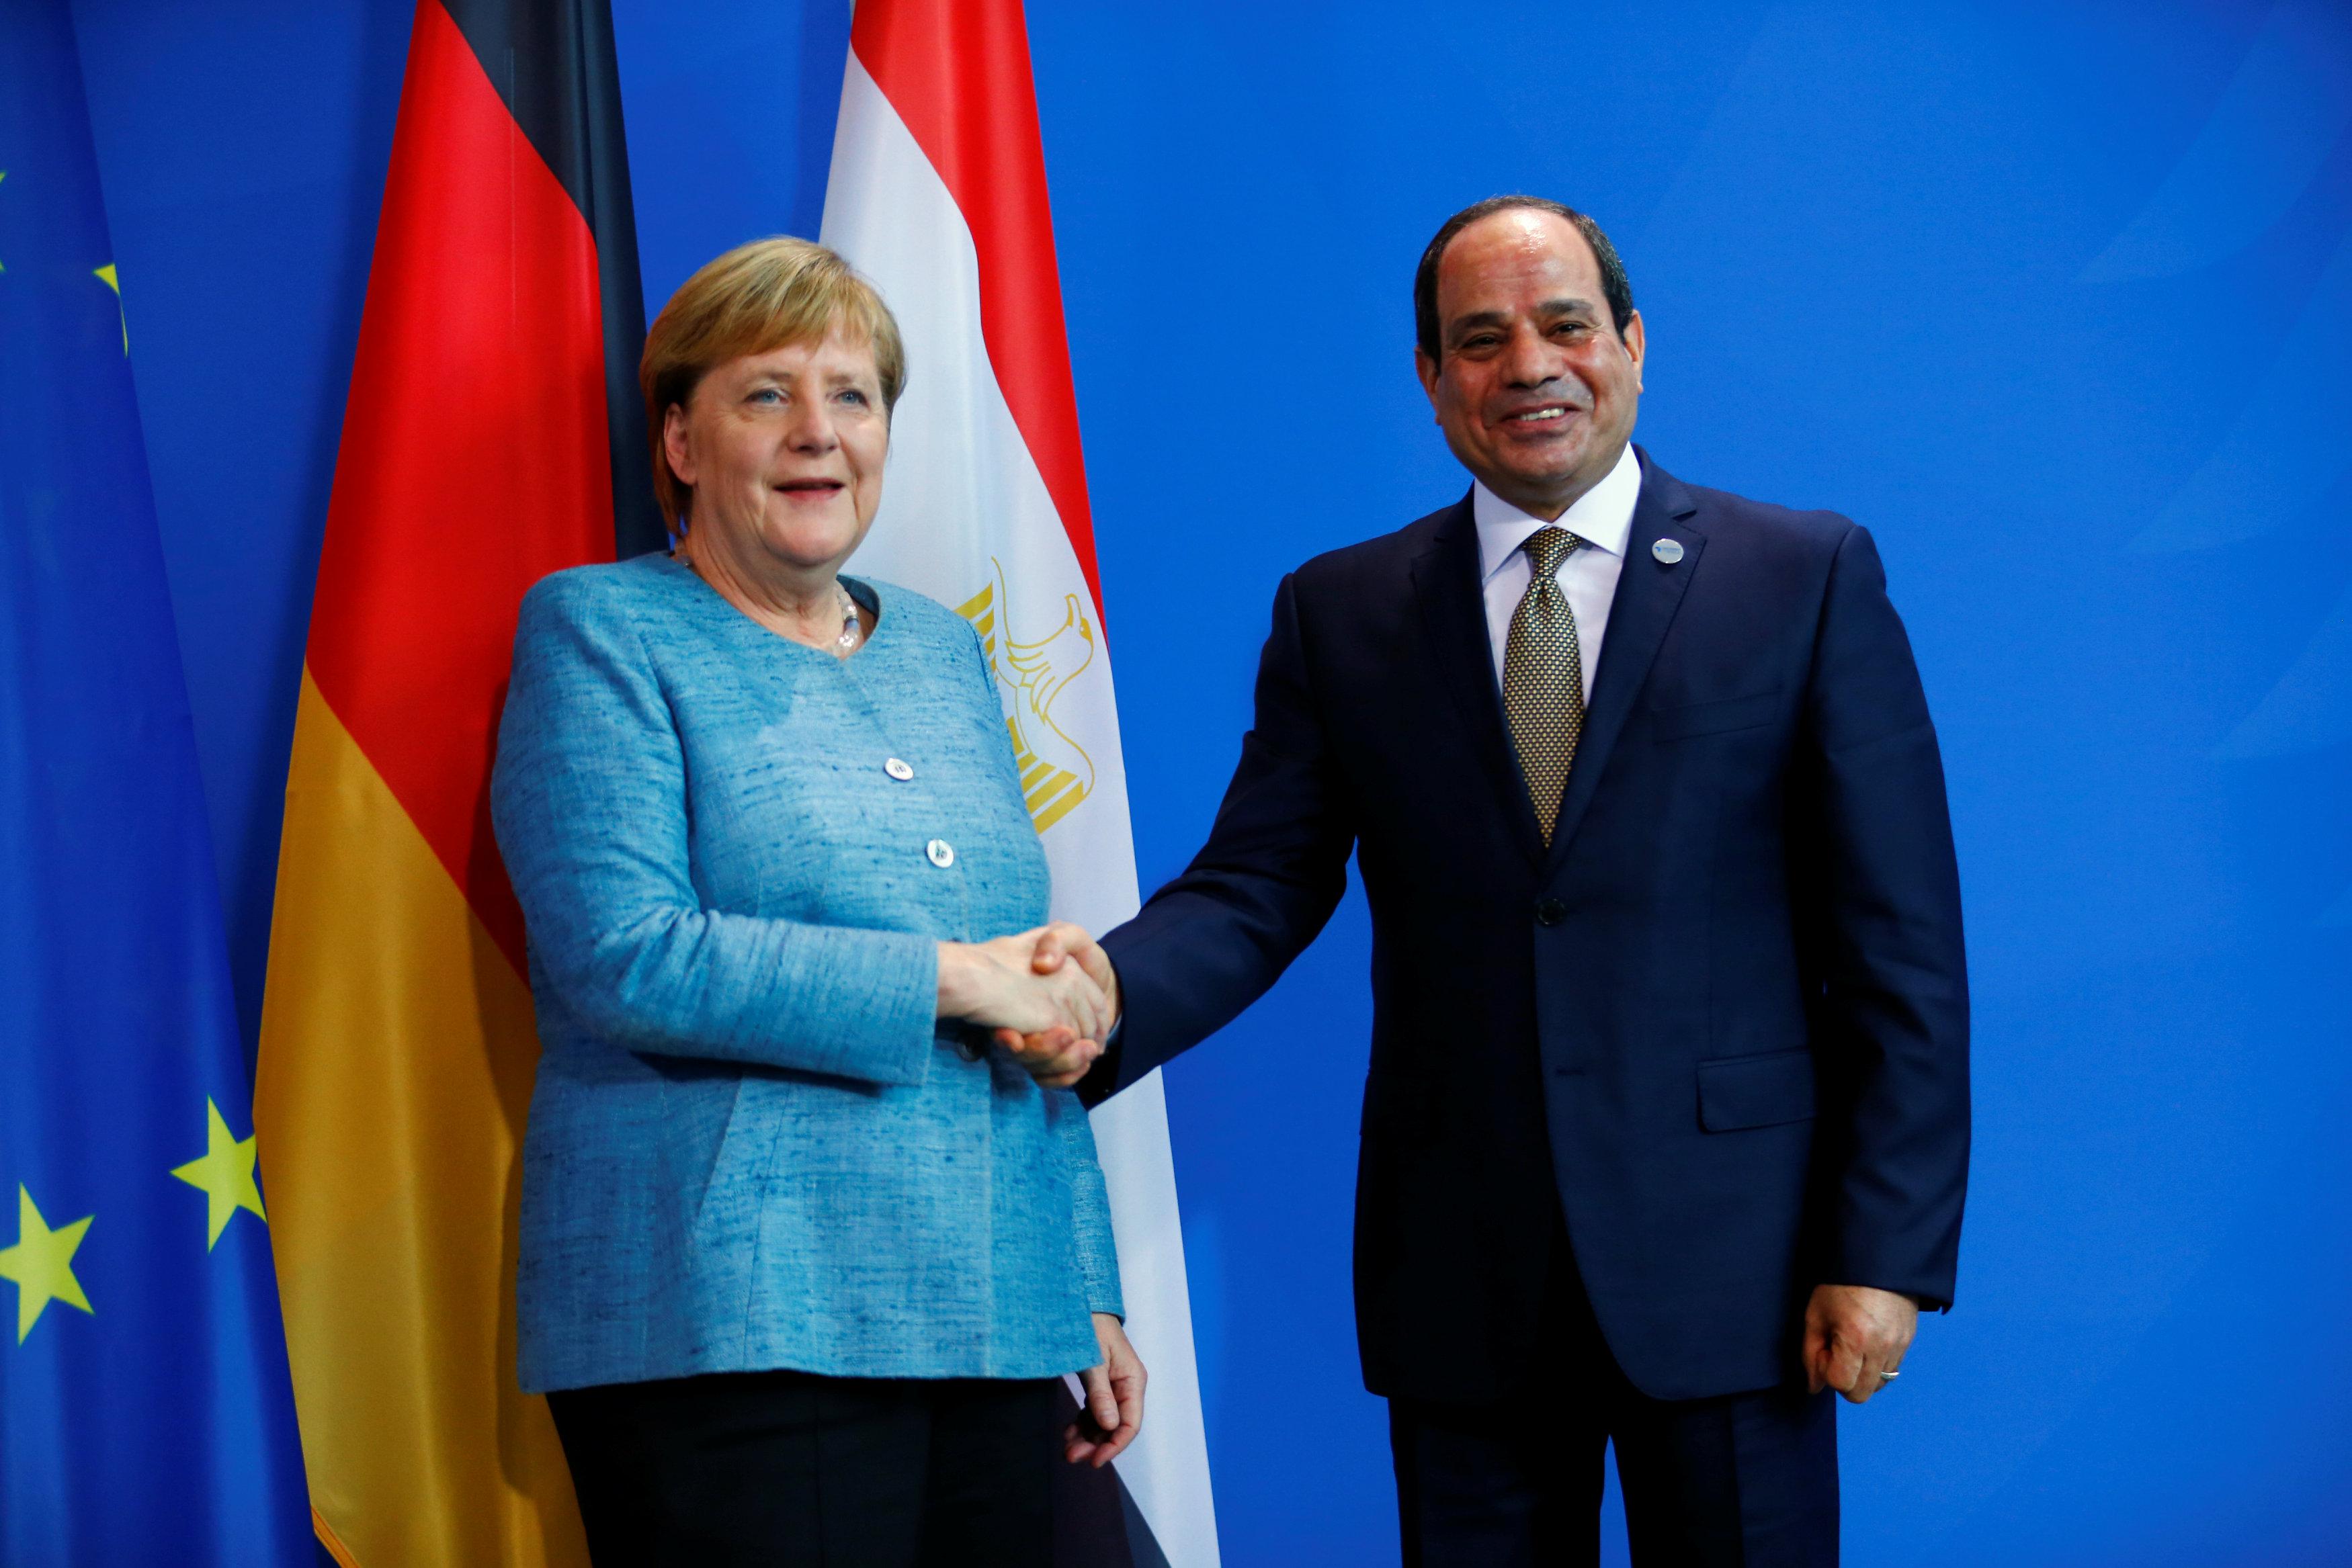 الرئيس السيسي يلتقي المستشارة الألمانية على هامش مؤتمر ميونخ للأمن